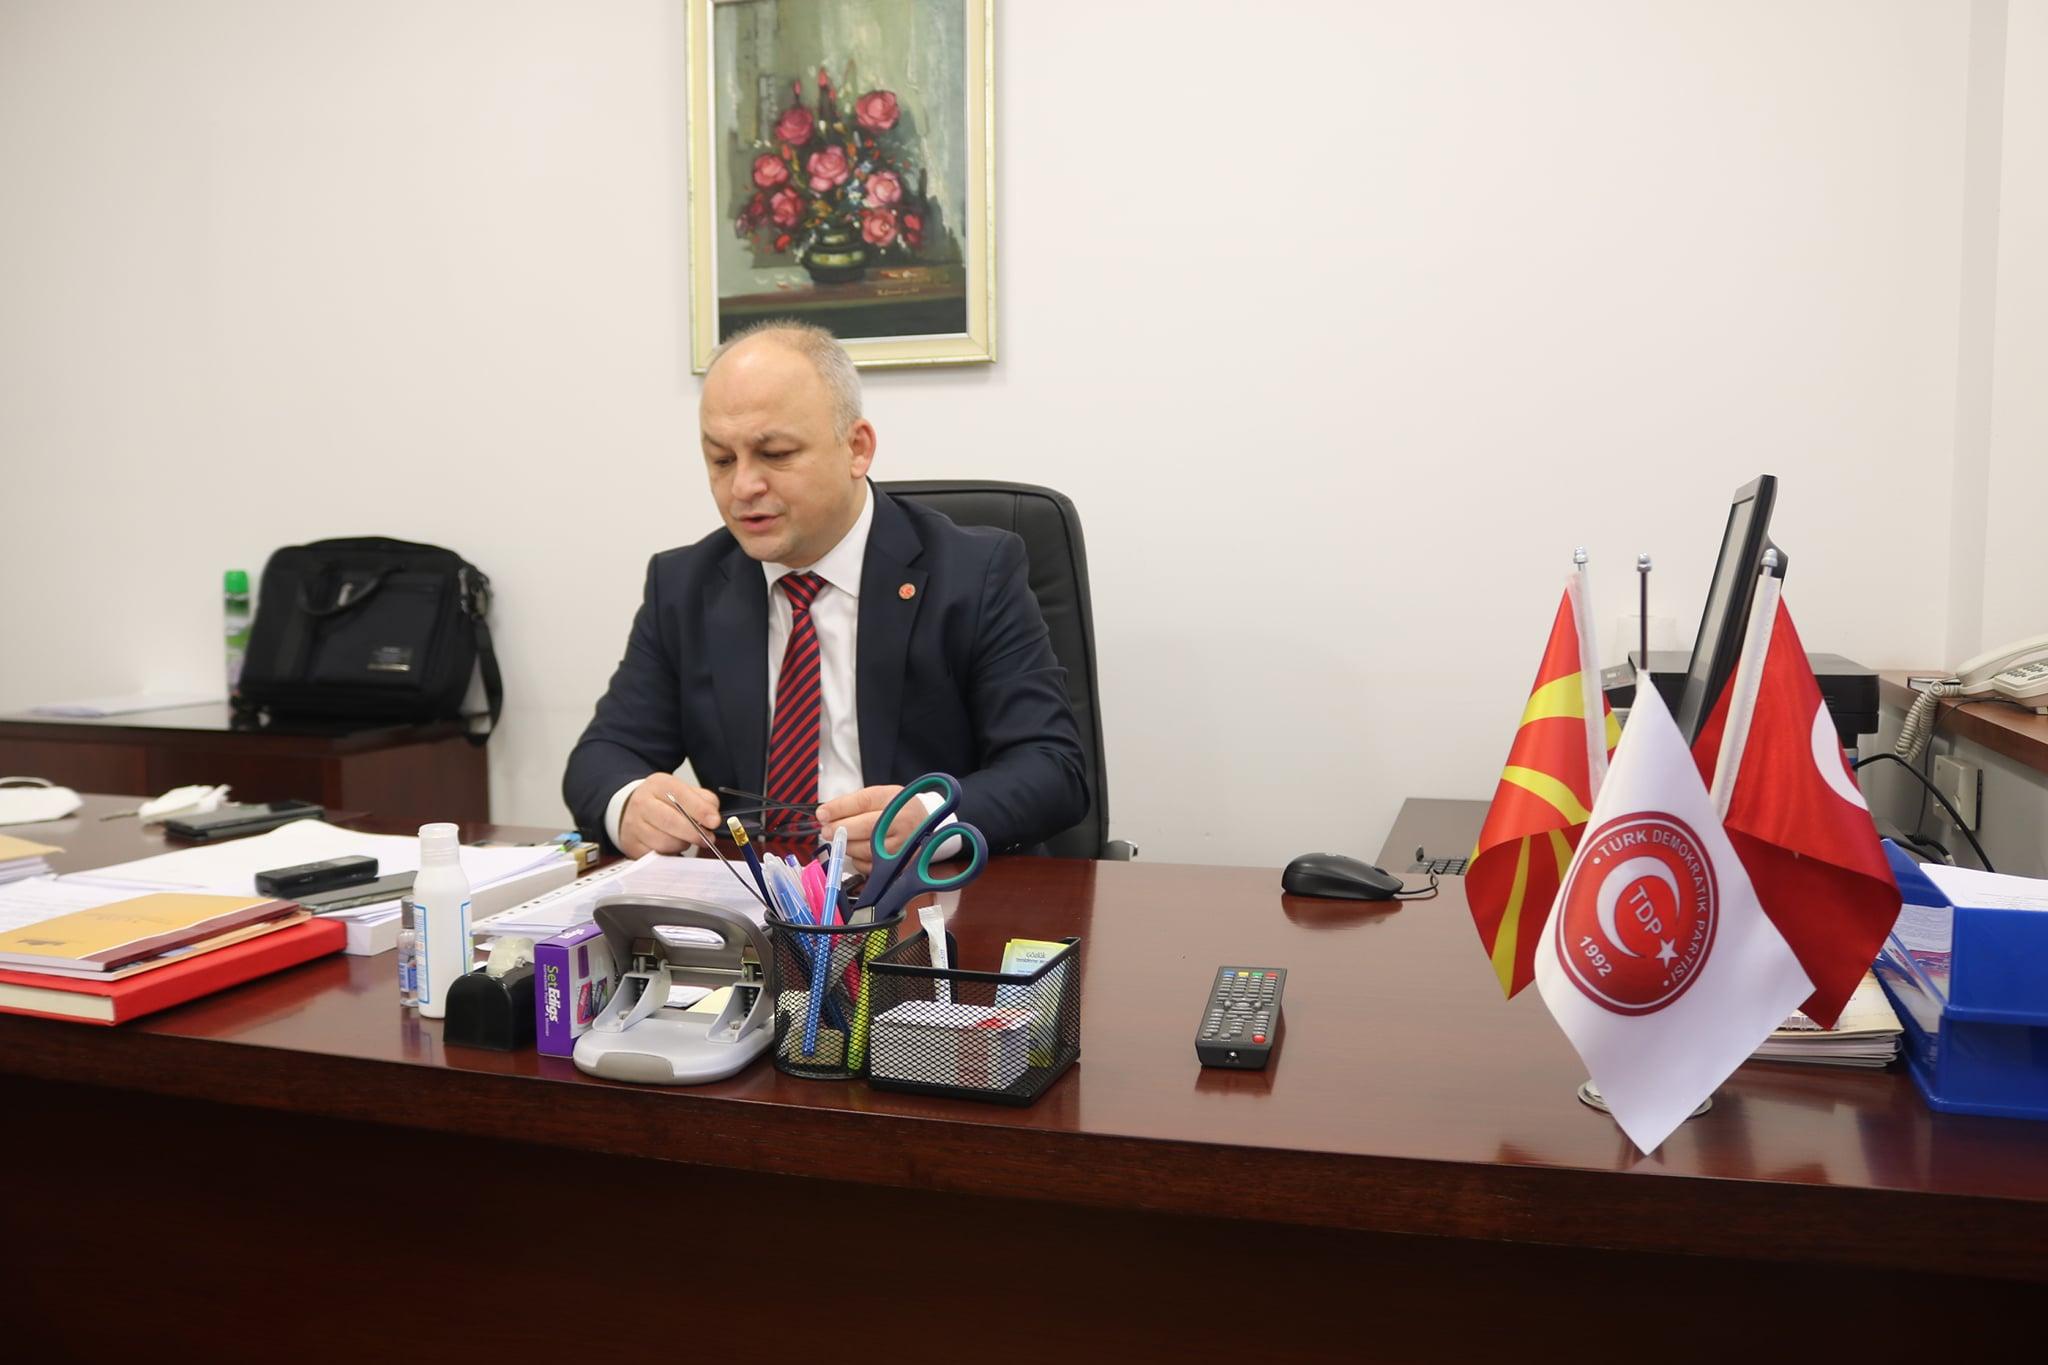 TDP milletvekili İlyas: Değiştirgelerimizin çoğu yeni yasa taslağına geçti